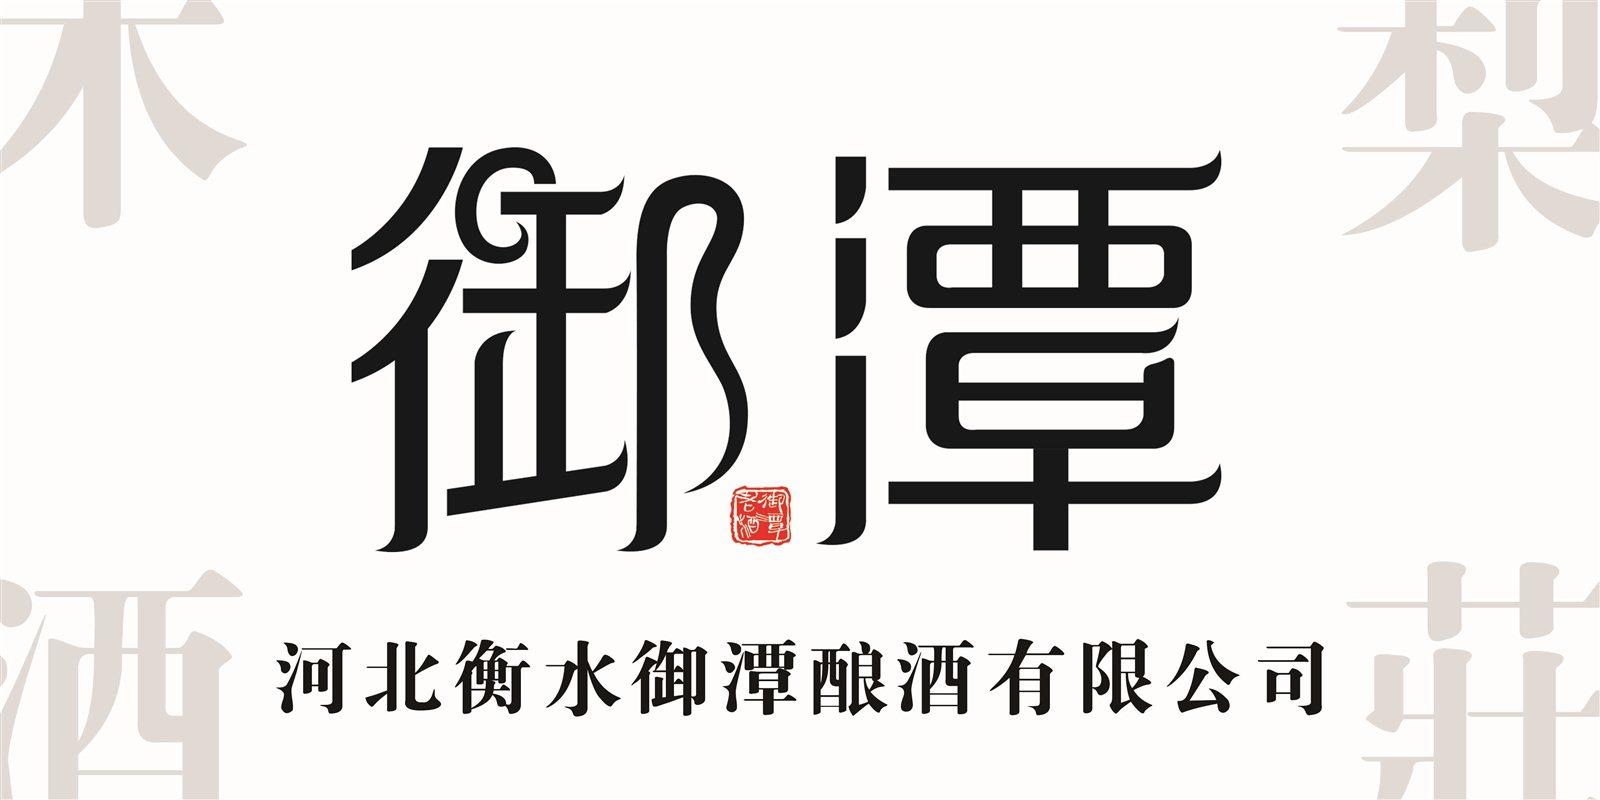 河北衡水御潭酿酒有限公司